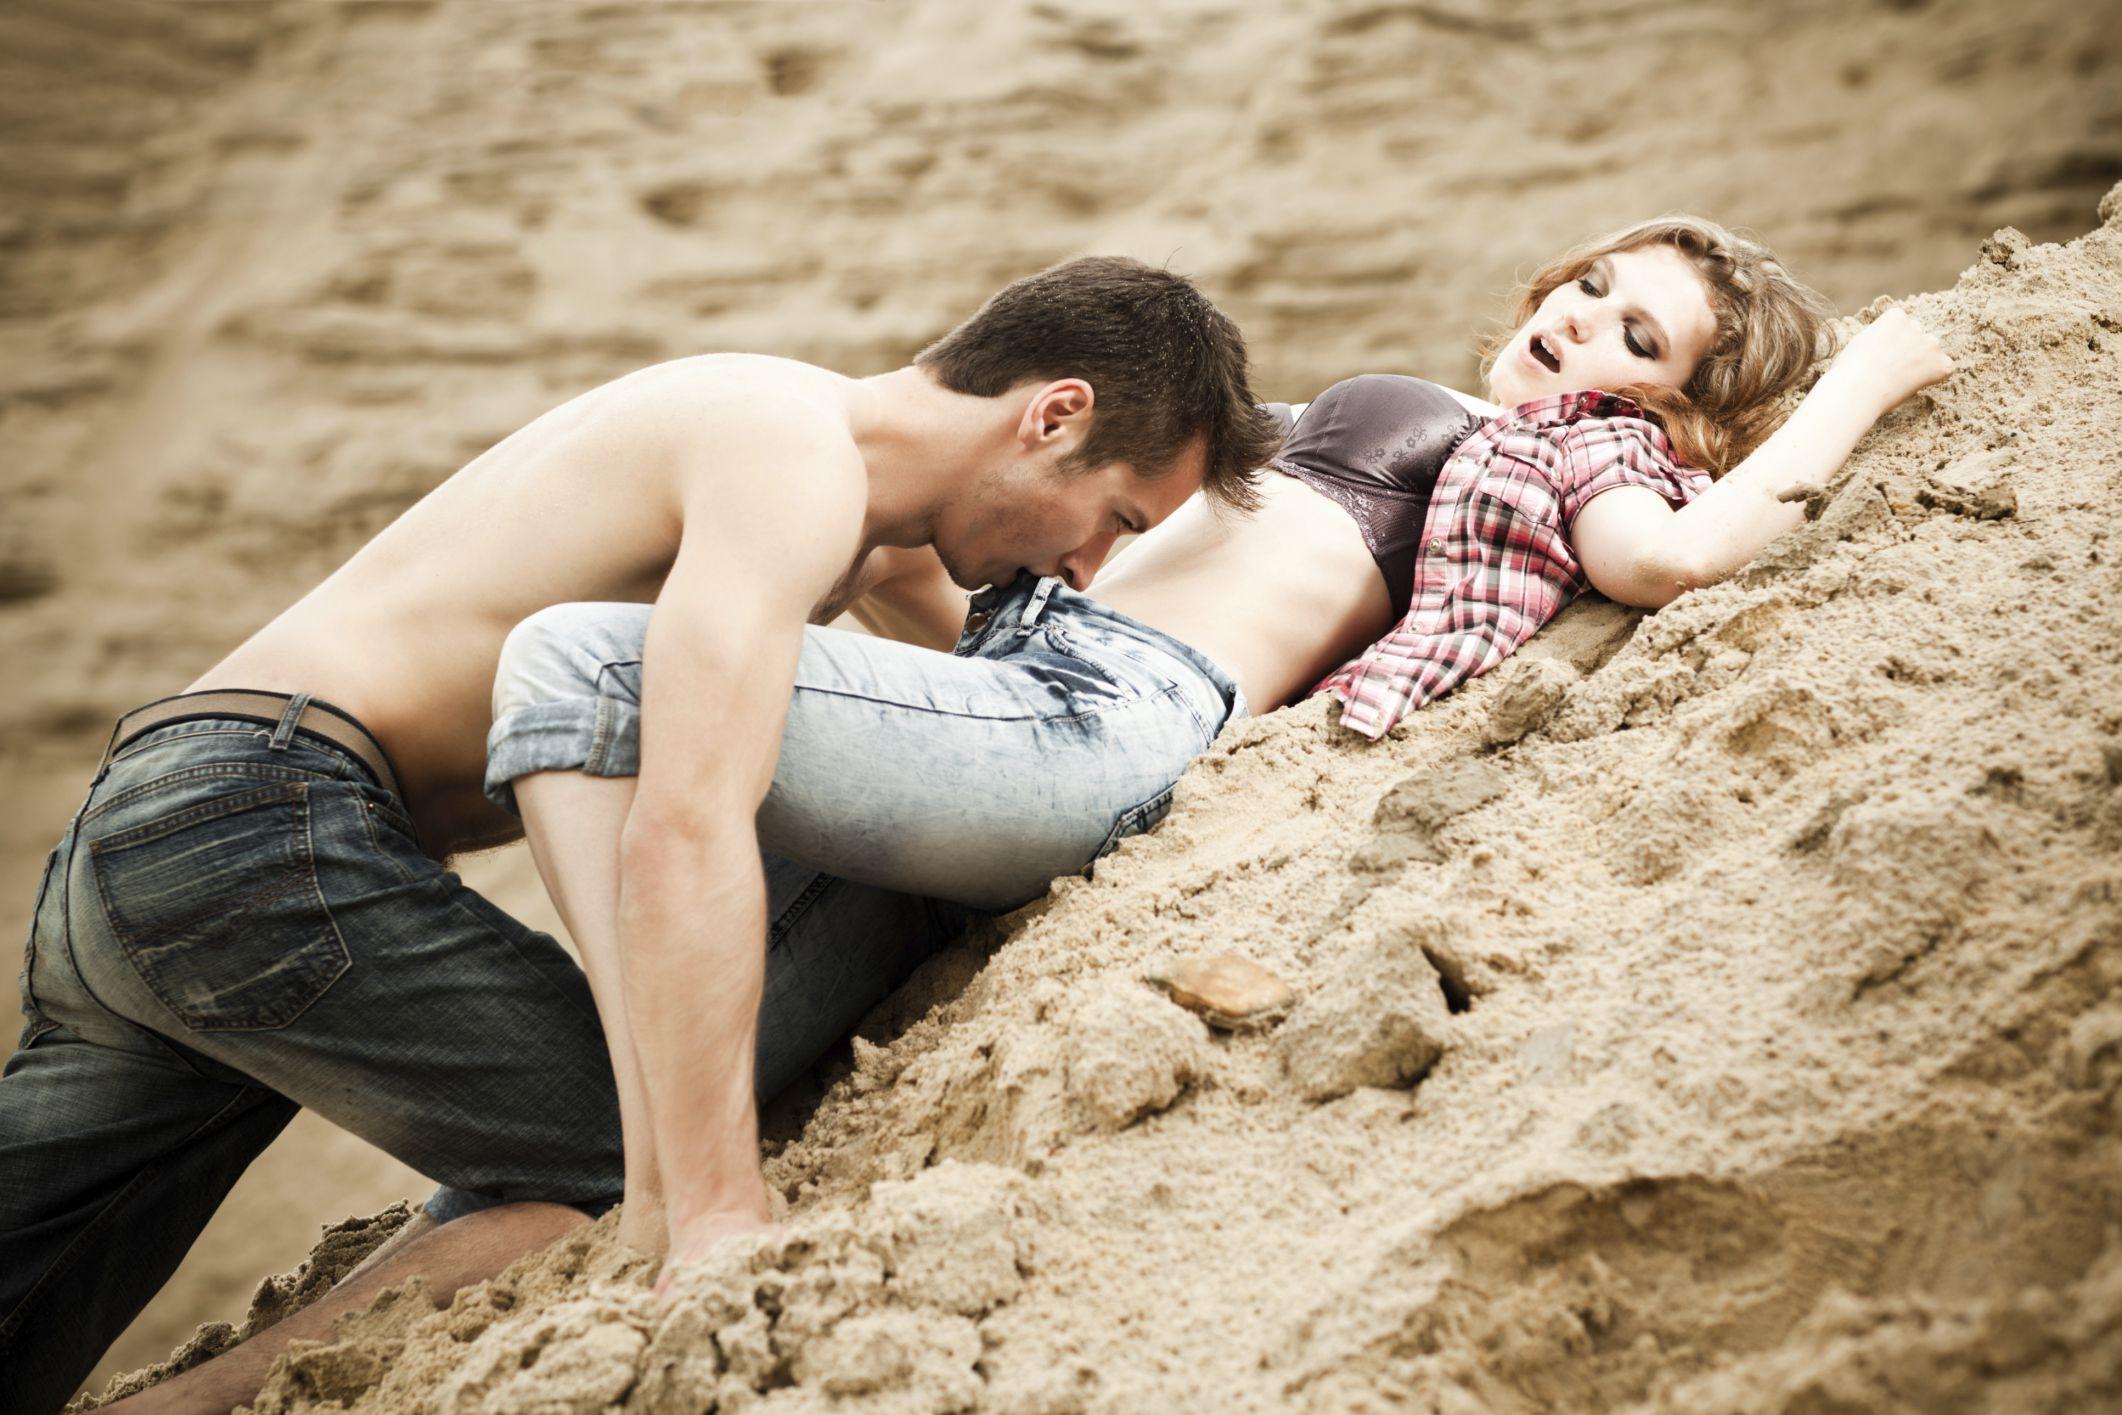 Nei dintorni dell'amore: il petting